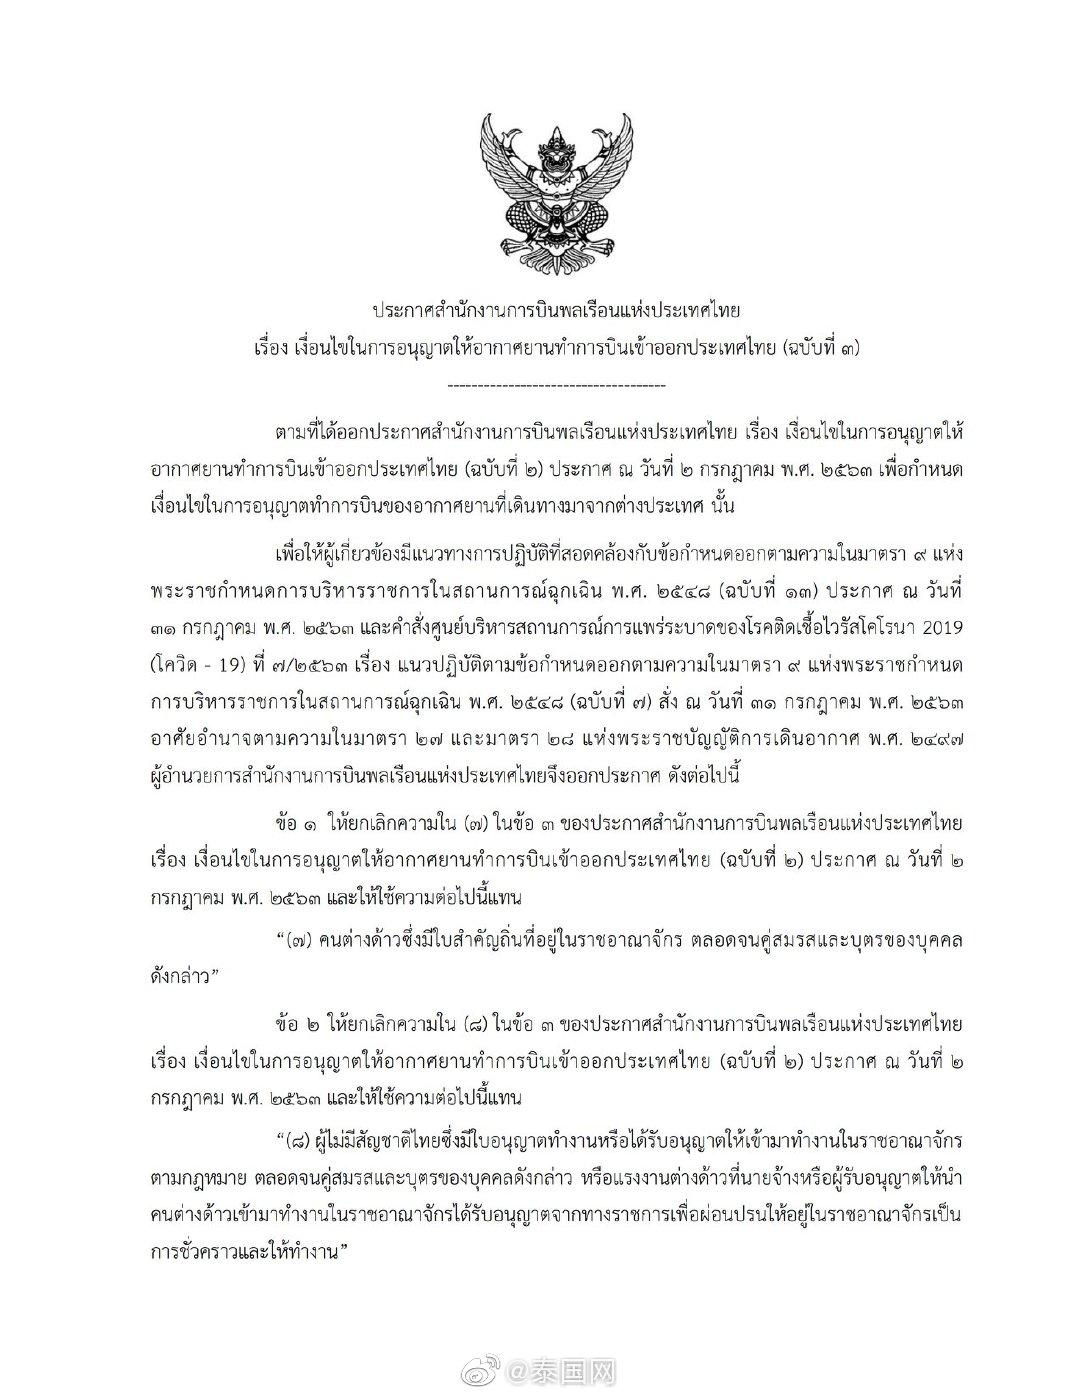 泰国民航局再调整航班出入境条件公告!允许3类外籍人士入境